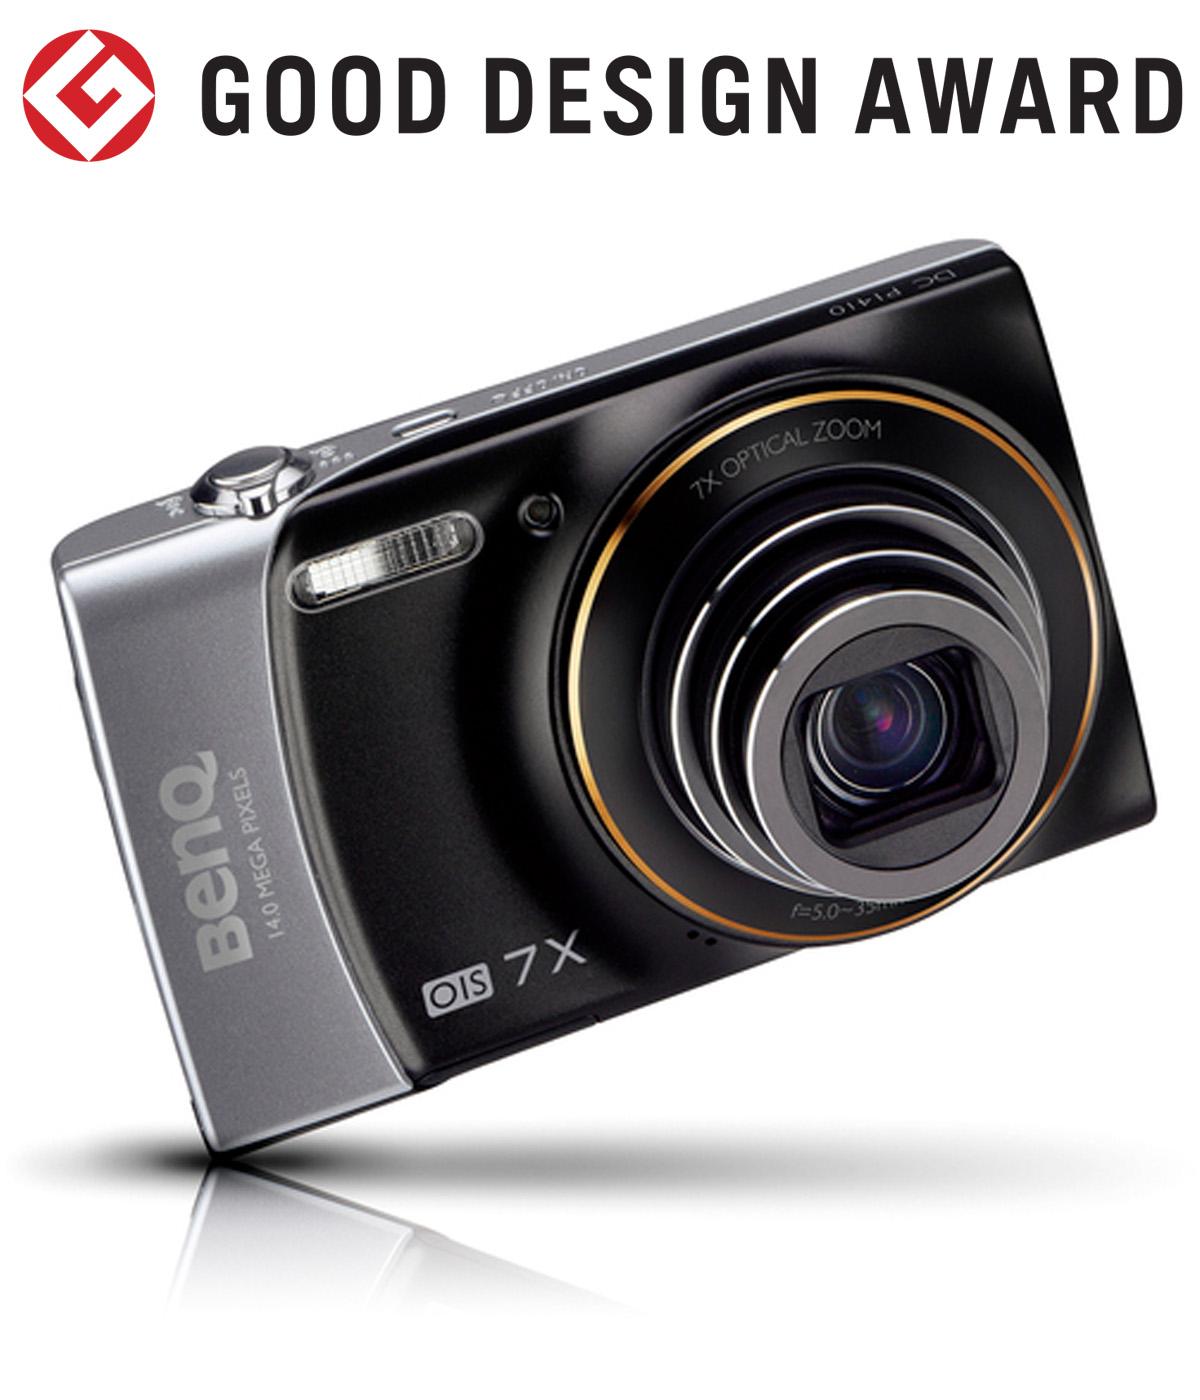 【日本】明基BenQ数码相机P1410获颁2011年度G-Mark设计大奖(GOOD DESIGN AWARD 2011)